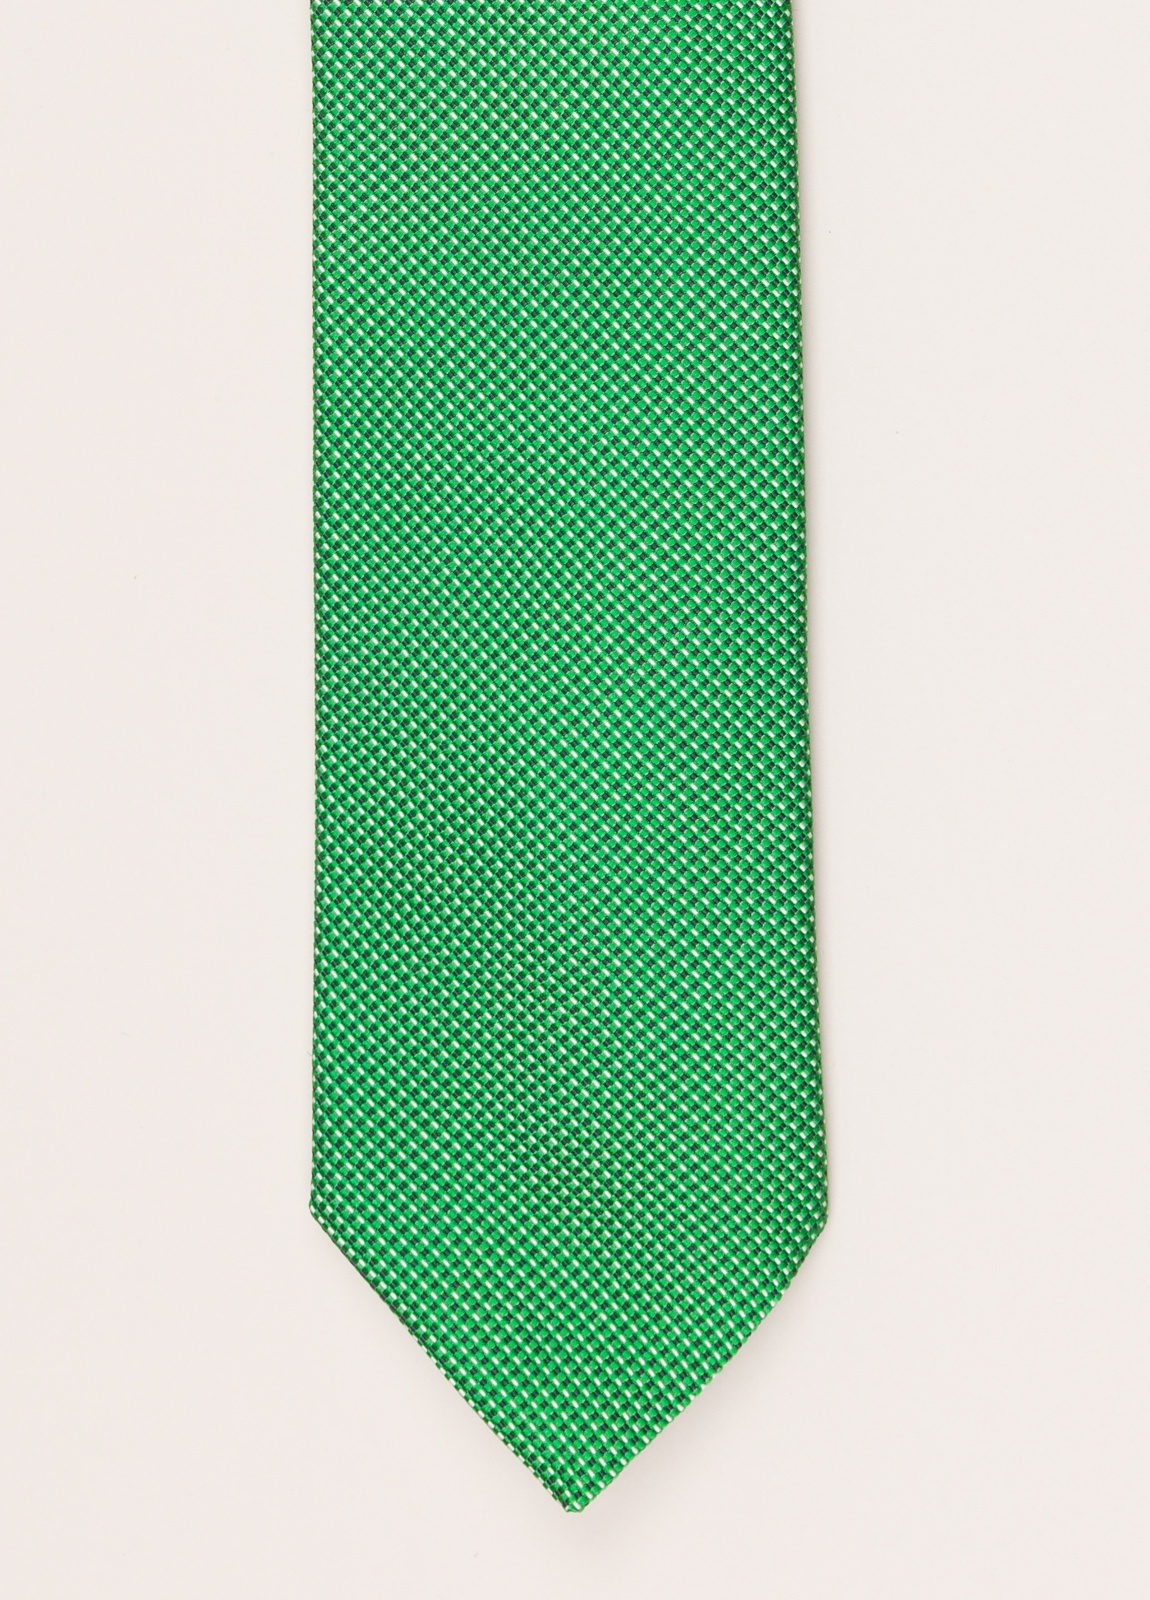 Corbata FUREST COLECCIÓN dibujo verde